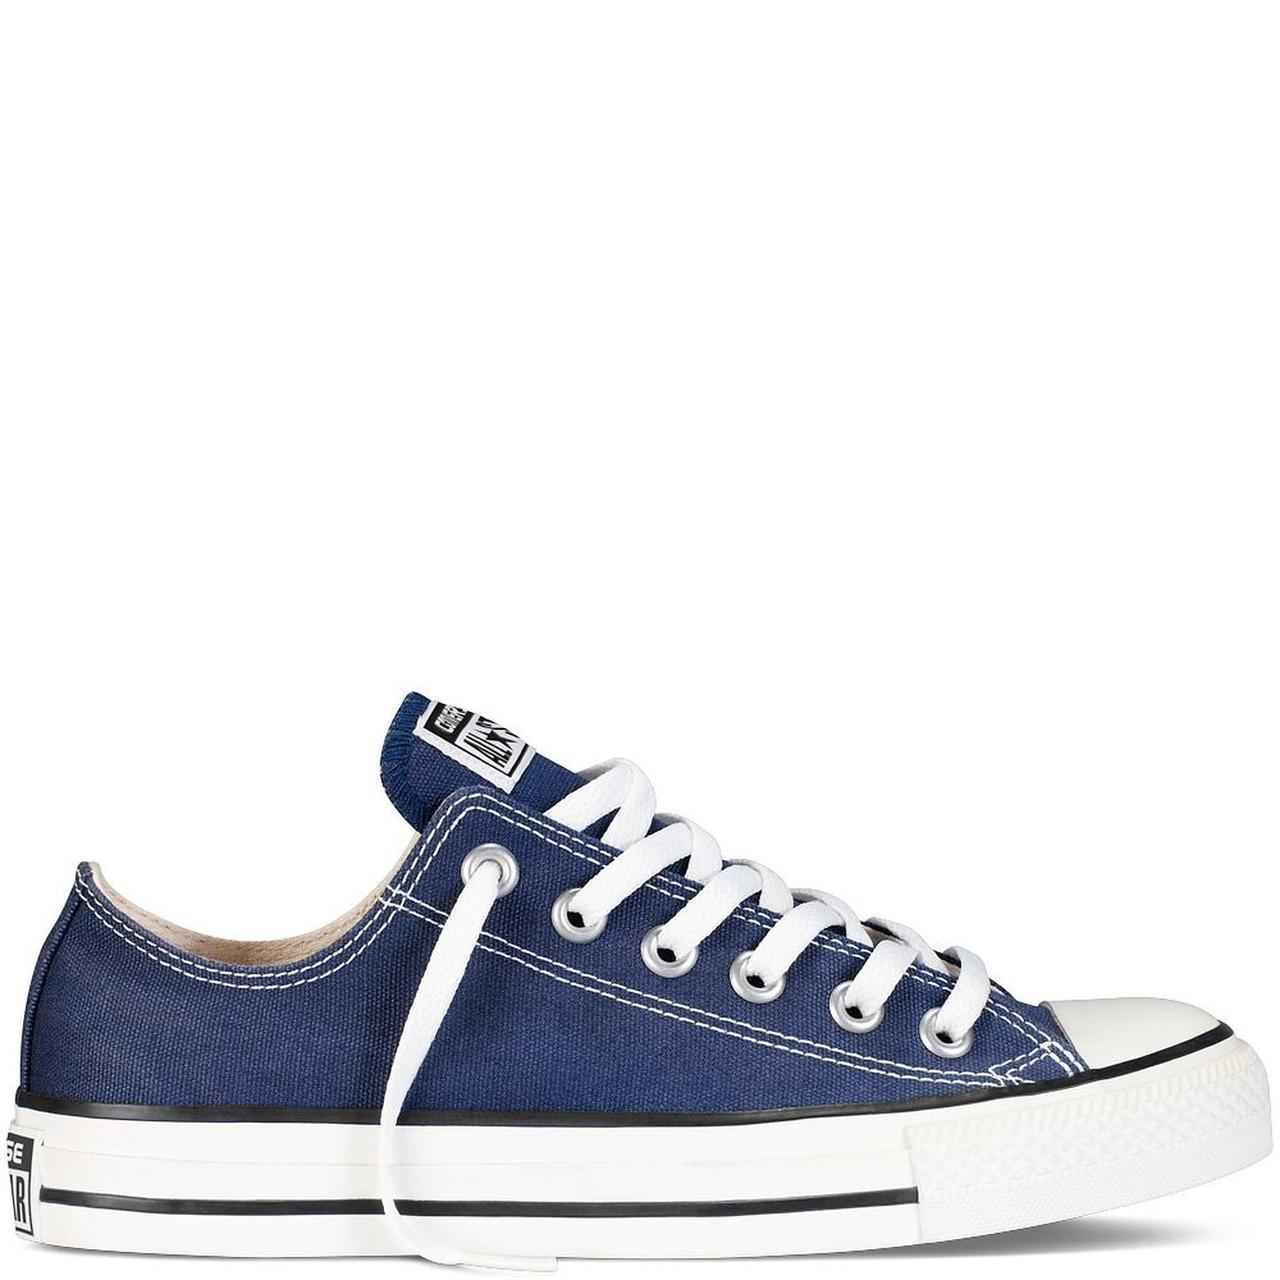 Кеди Converse All Star Blue (Кеди Конверс низькі сині жіночі і чоловічі розміри 36-44)